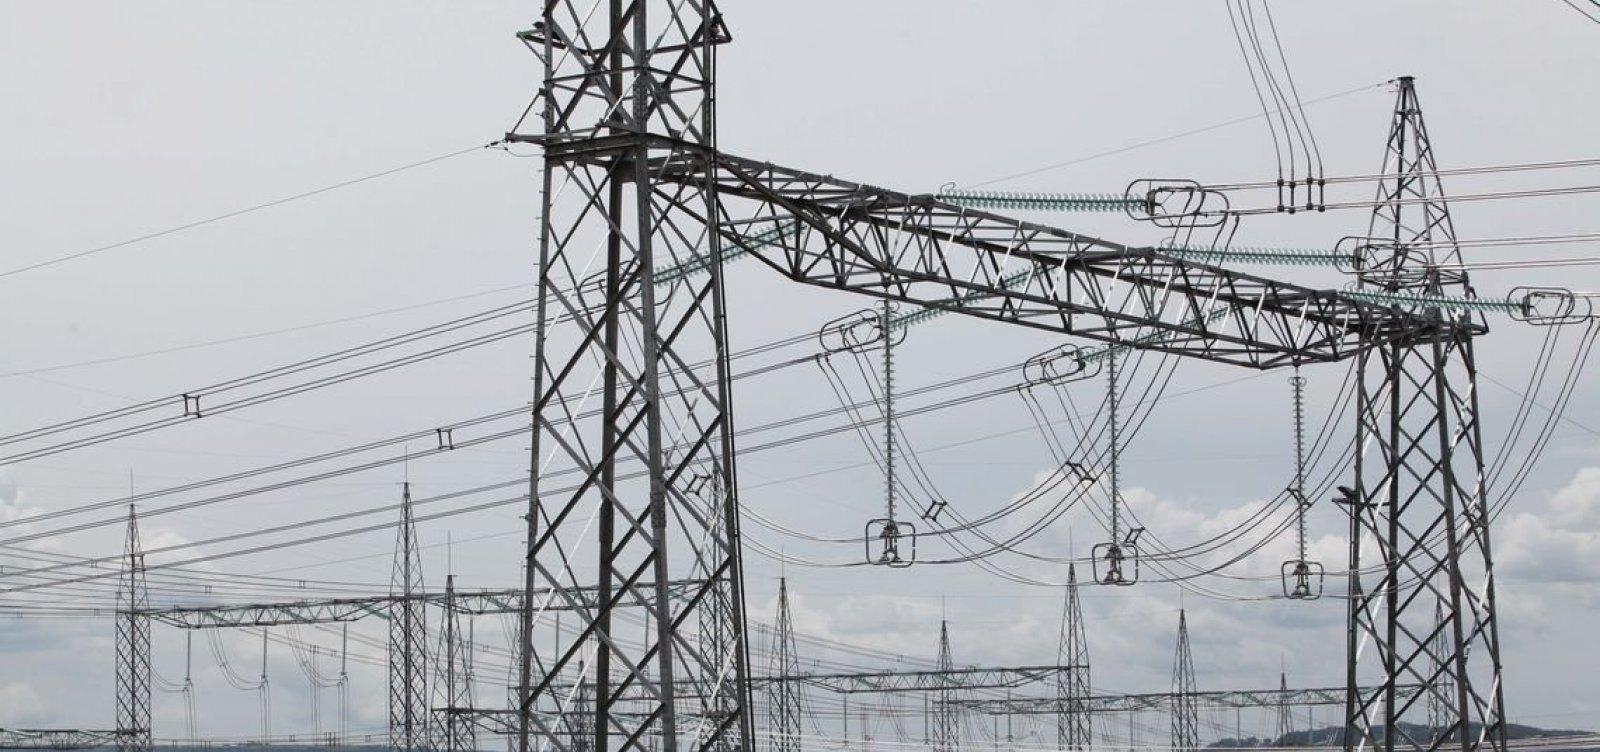 [Pedidos de empréstimo ao setor elétrico somam R$ 14,8 bilhões, diz Aneel]